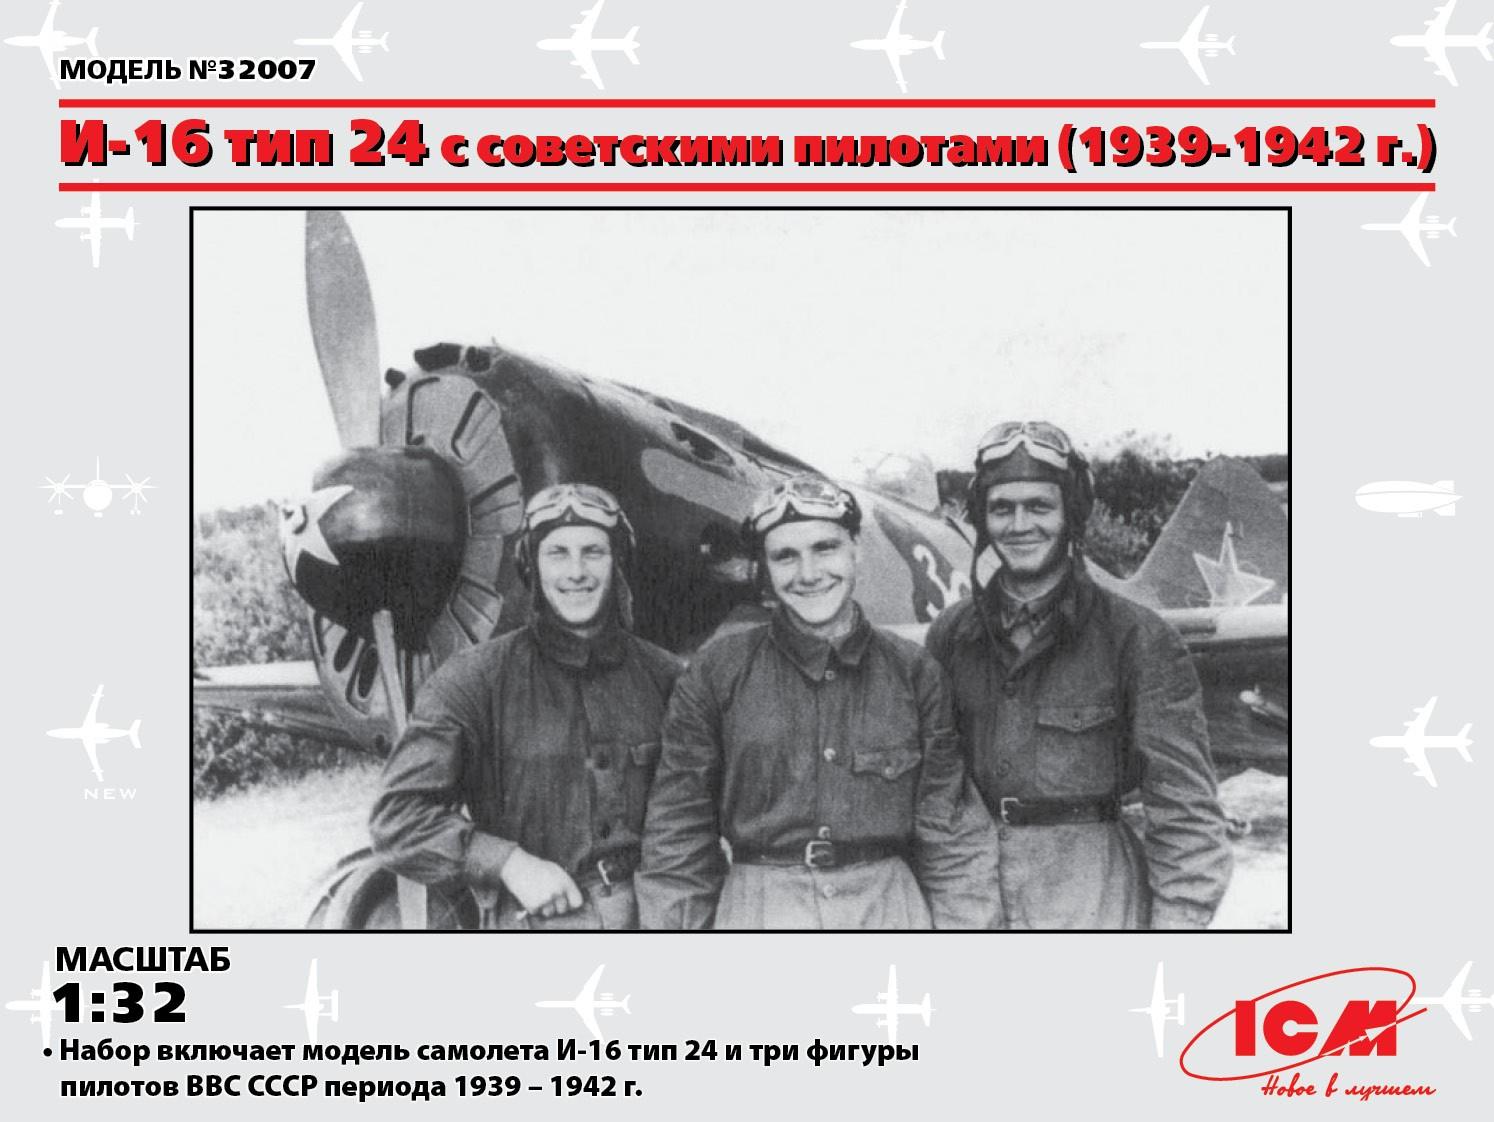 1/32 И-16 тип 24 с советскими пилотами (1939-1942 г.) #32007 / I-16 type 24 with Soviet Pilots (1939-1942)